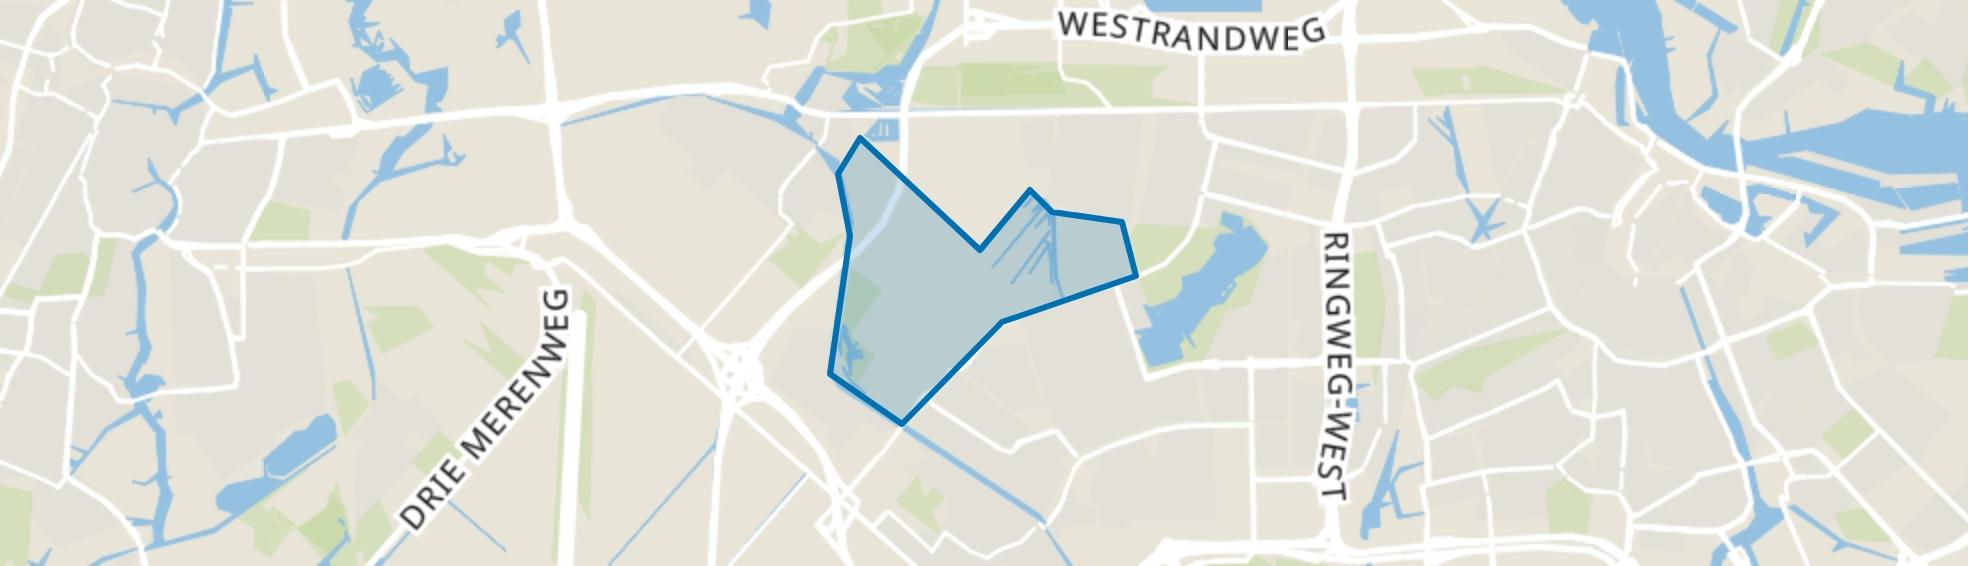 Lutkemeer/Ookmeer, Amsterdam map